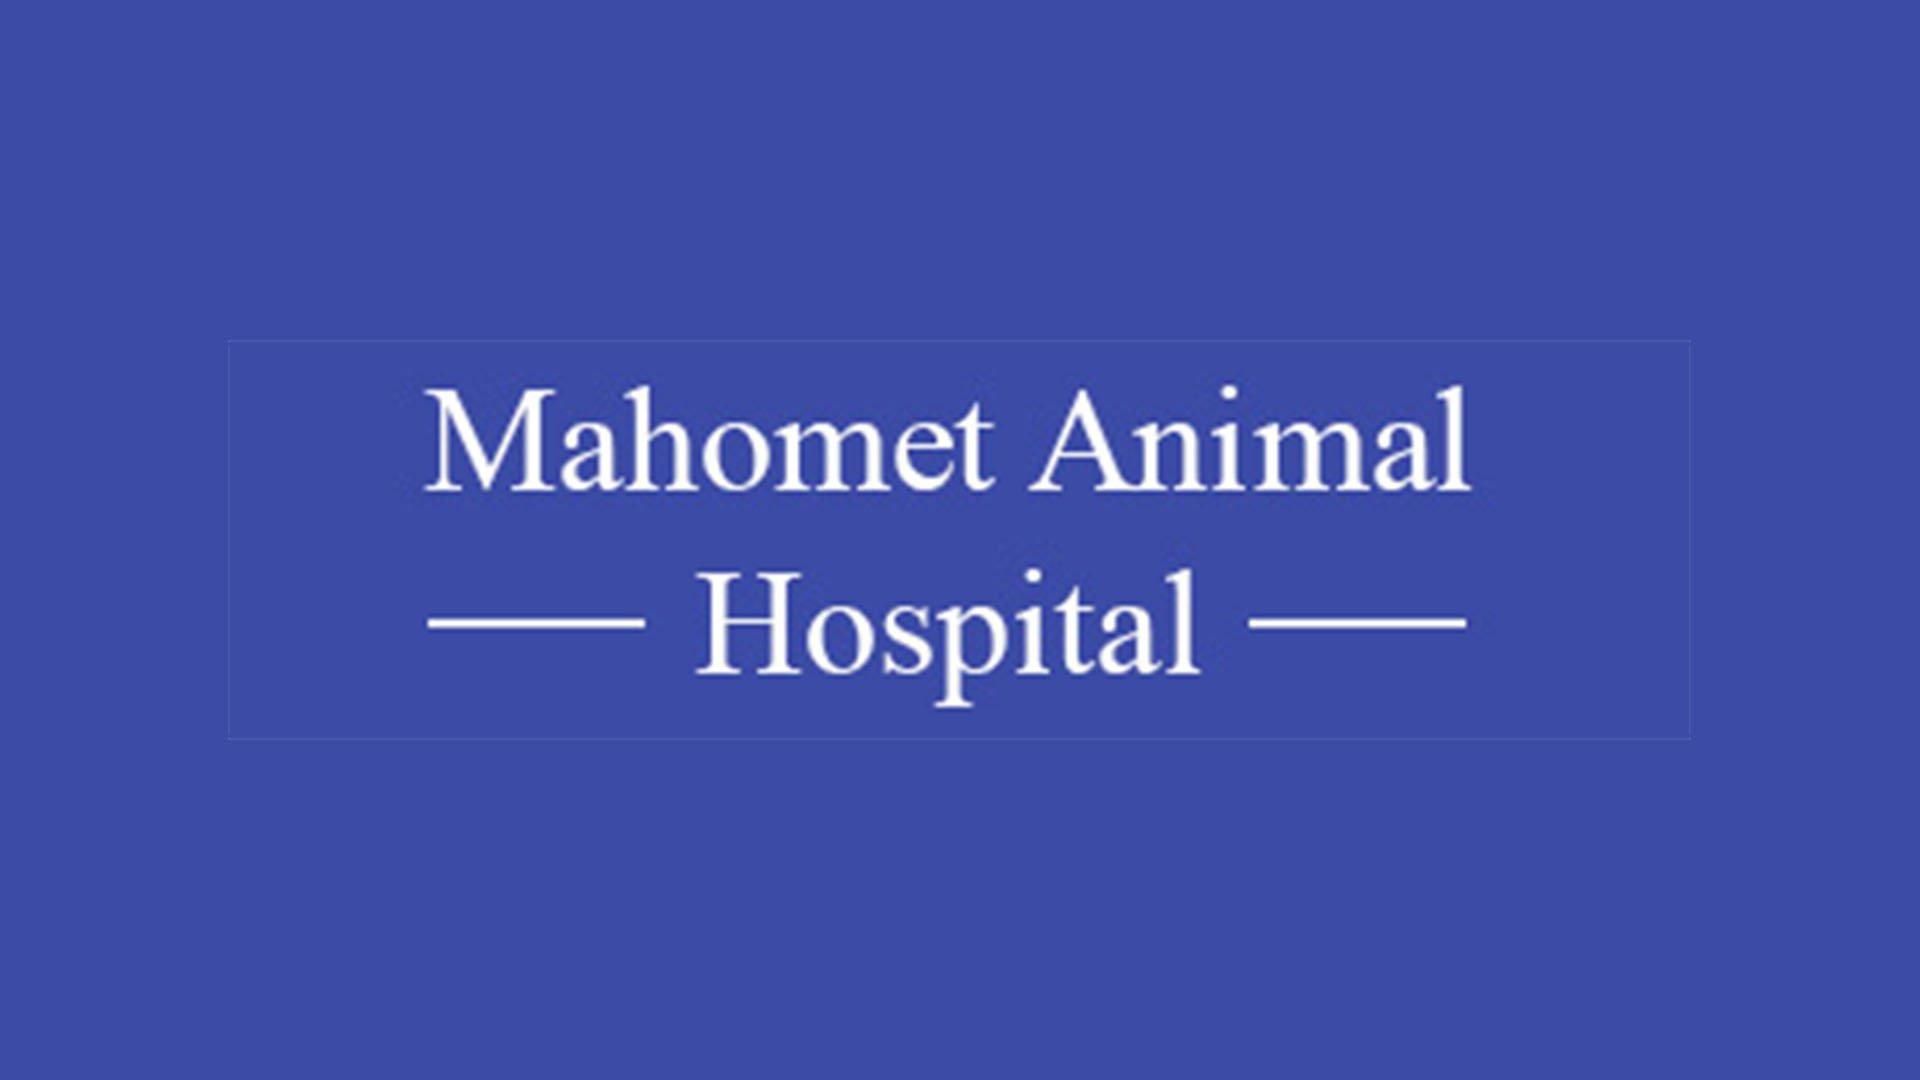 Mahomet Animal Hospital